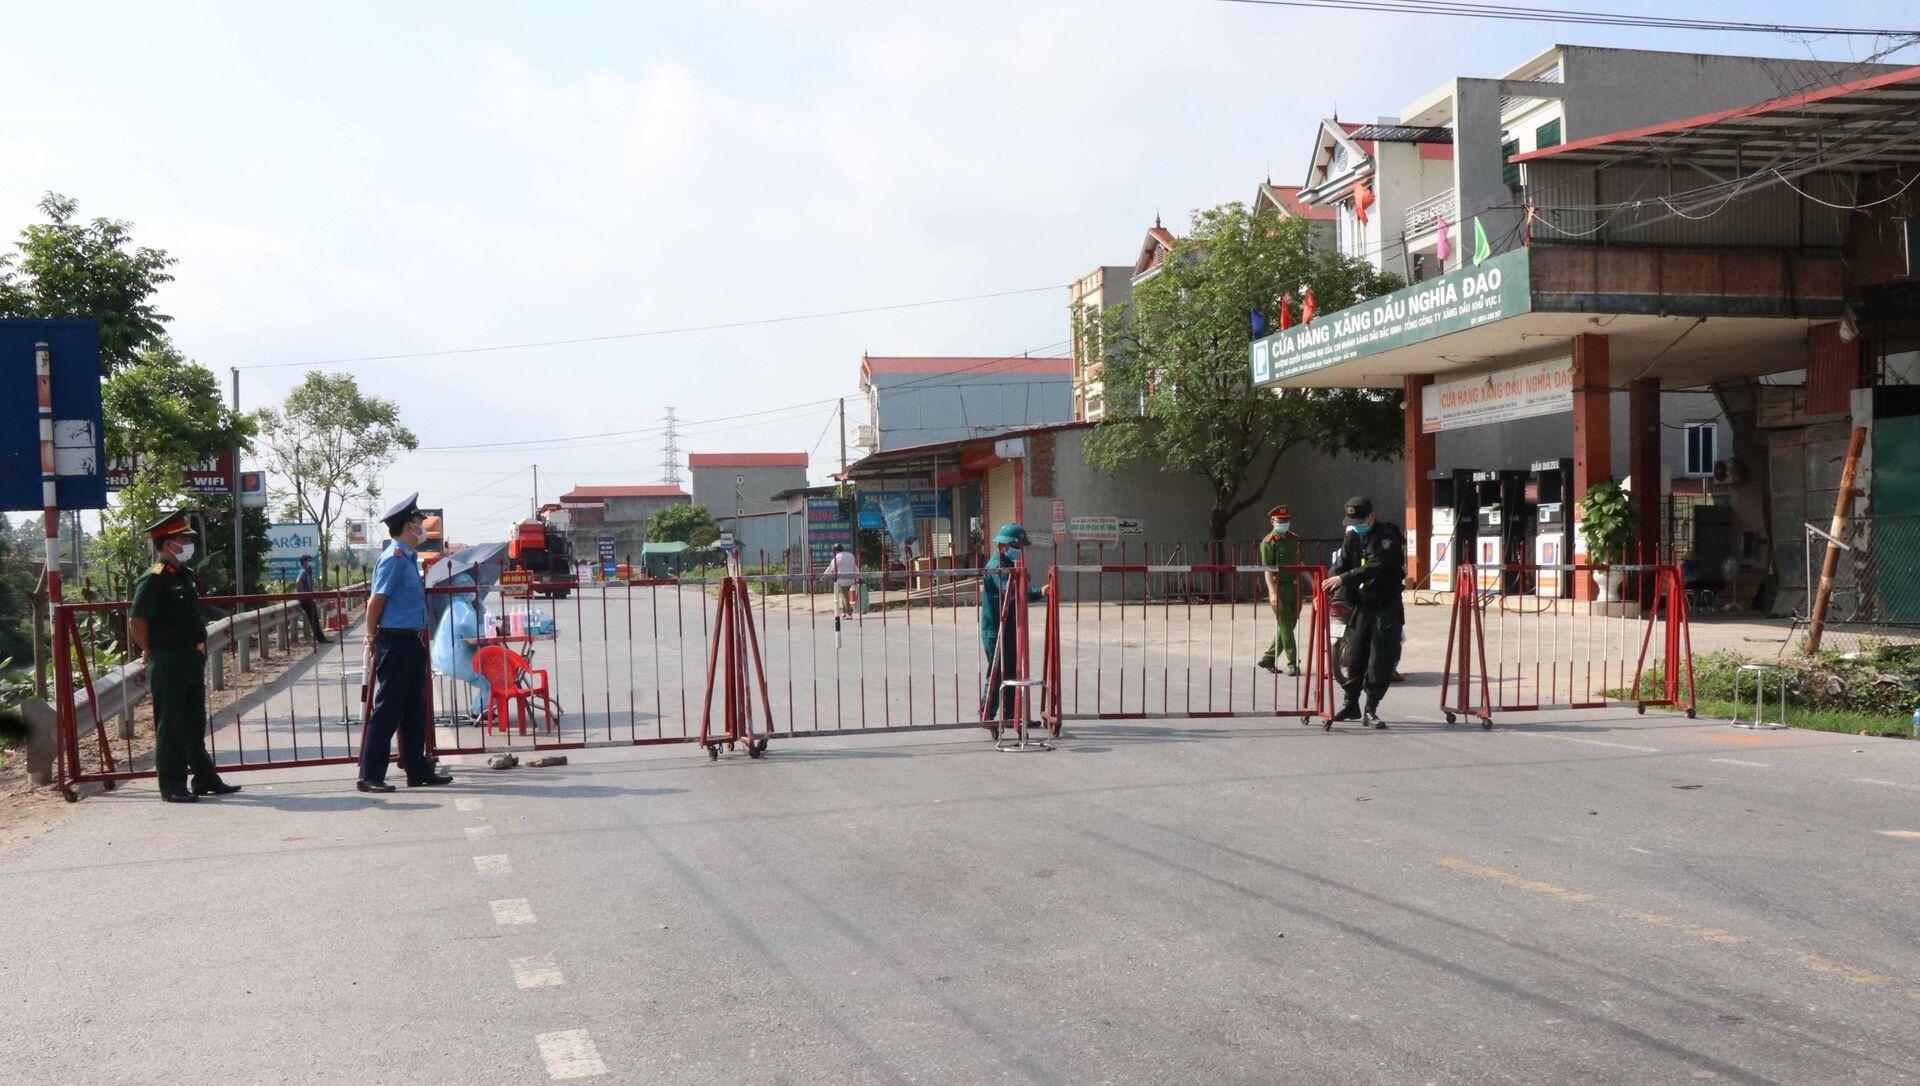 Bắc Ninh thành lập 4 chốt kiểm soát dịch COVID-19 ra vào huyện Thuận Thành - Sputnik Việt Nam, 1920, 11.05.2021